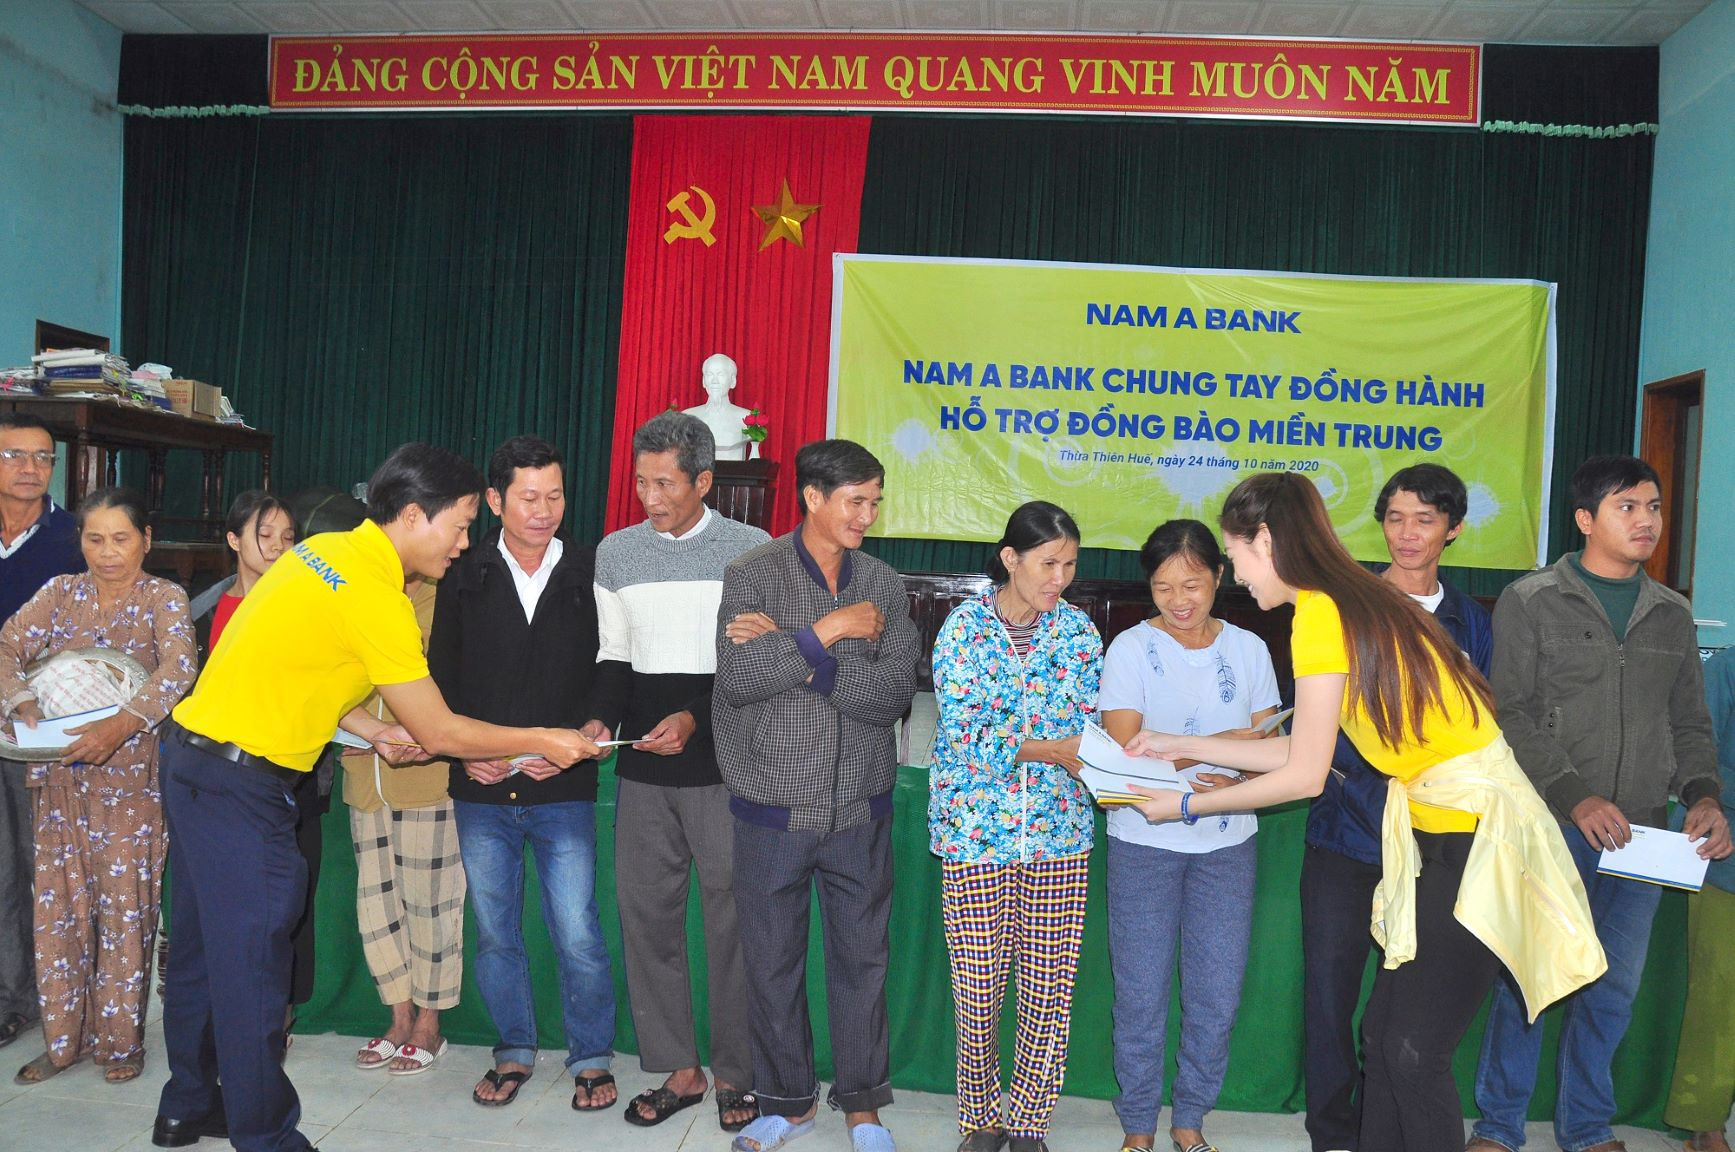 Nam A Bank chung tay hướng về miền Trung thân yêu 2